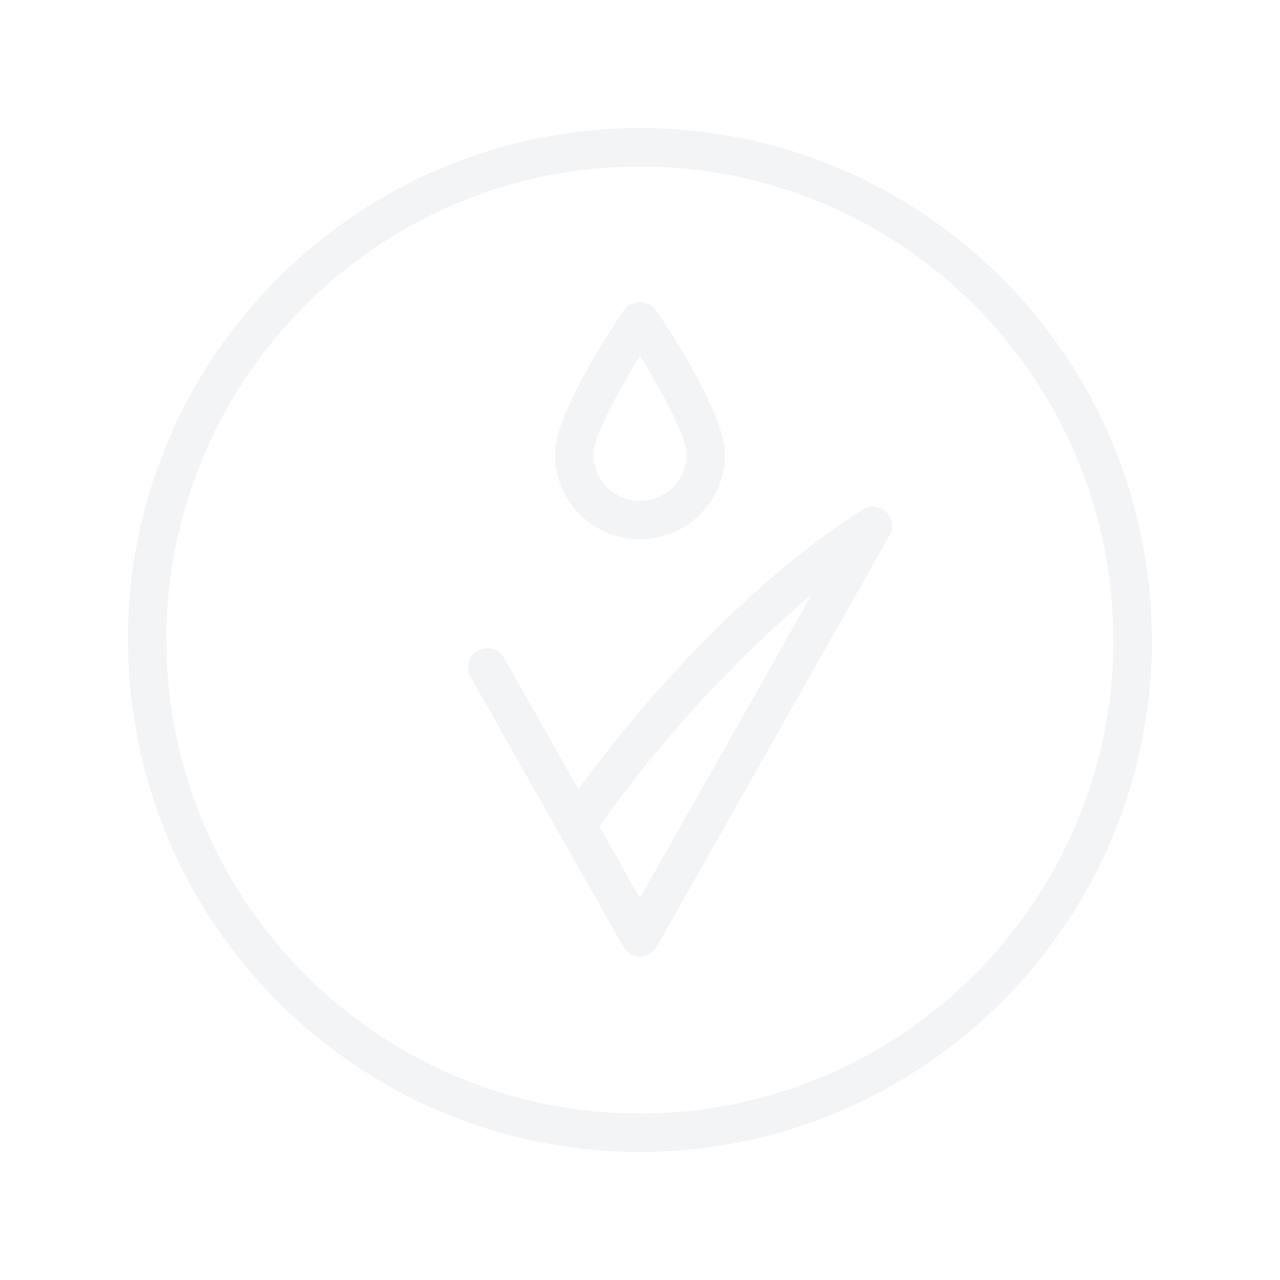 AVENE Cicalfate Repair Lip Balm 10ml